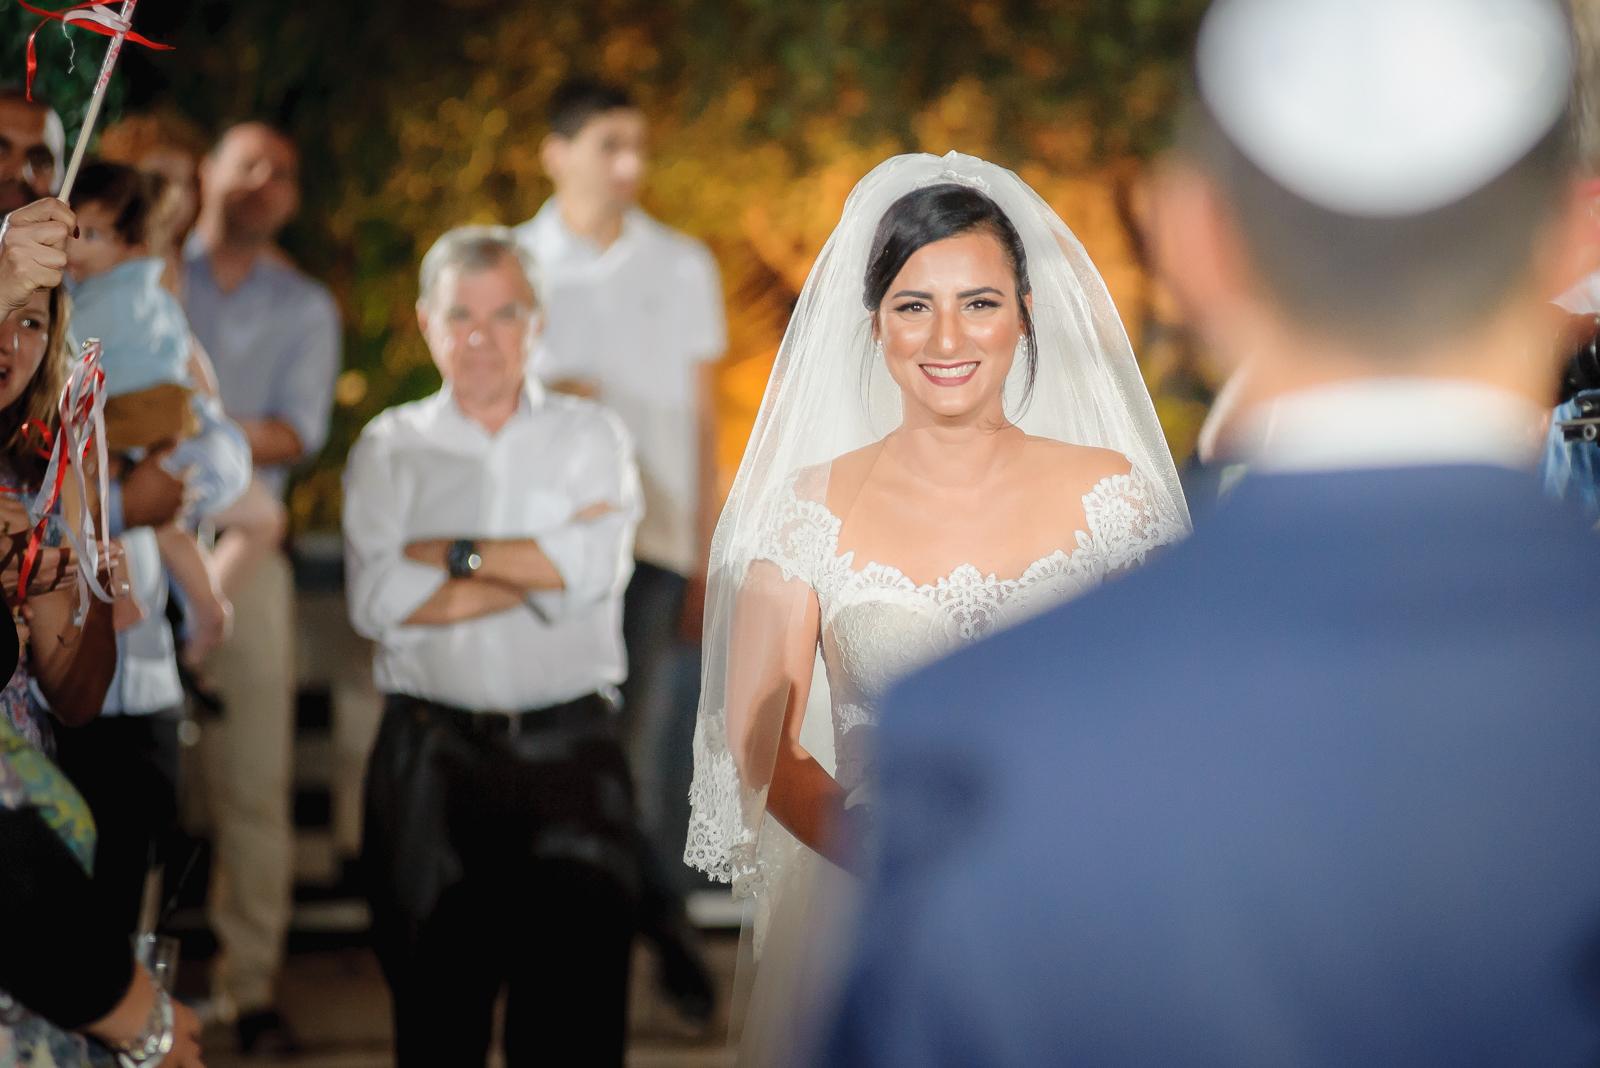 צלם לחתונה צילום חתונה-1021.jpg